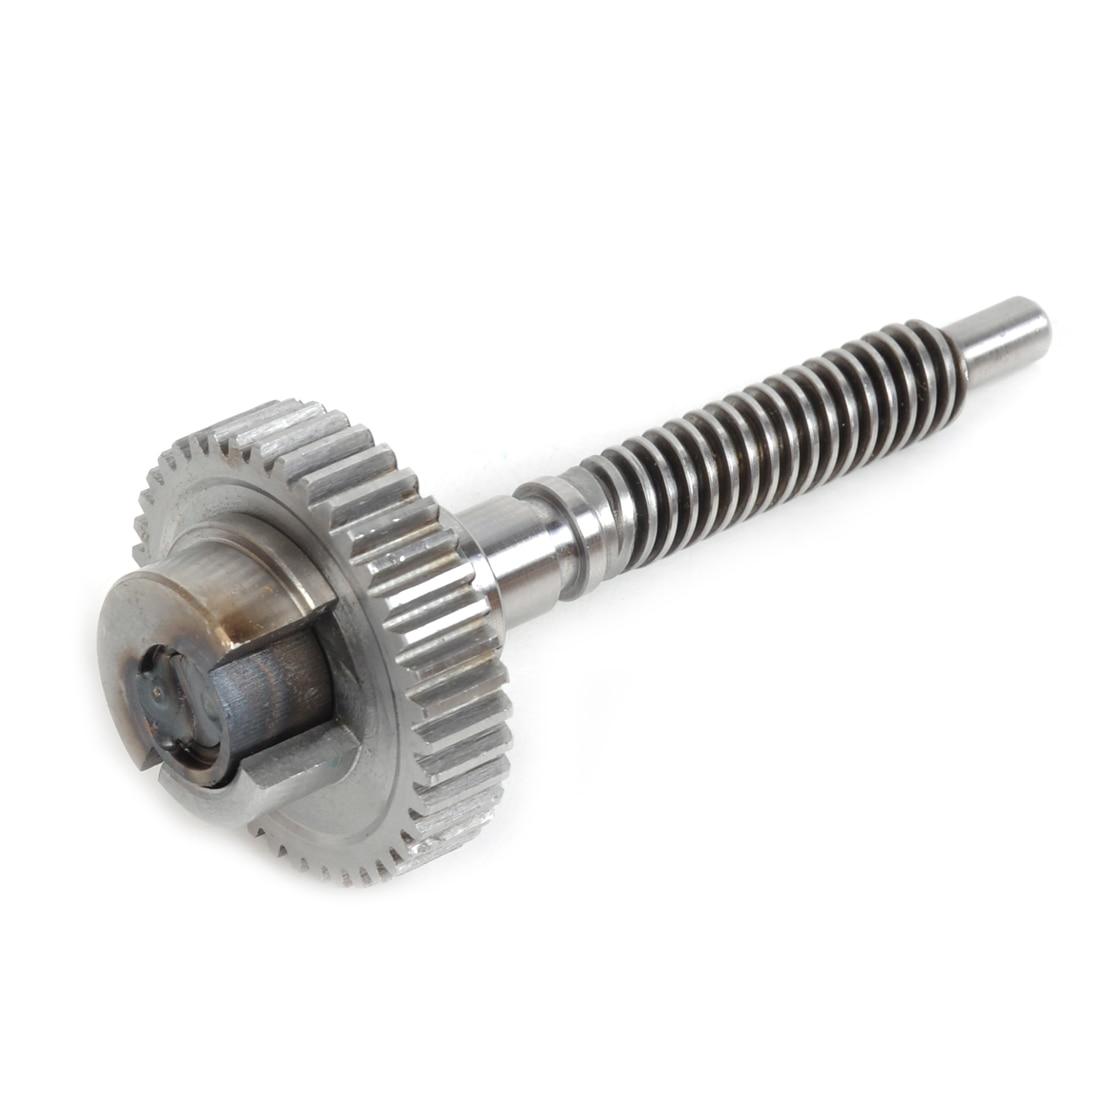 DWCX 34436782755 40 зубьев ручника металлические шестерни привода Ремкомплект для BMW Е65 Е66 745i 760i 750i полный 2006 2007 2008